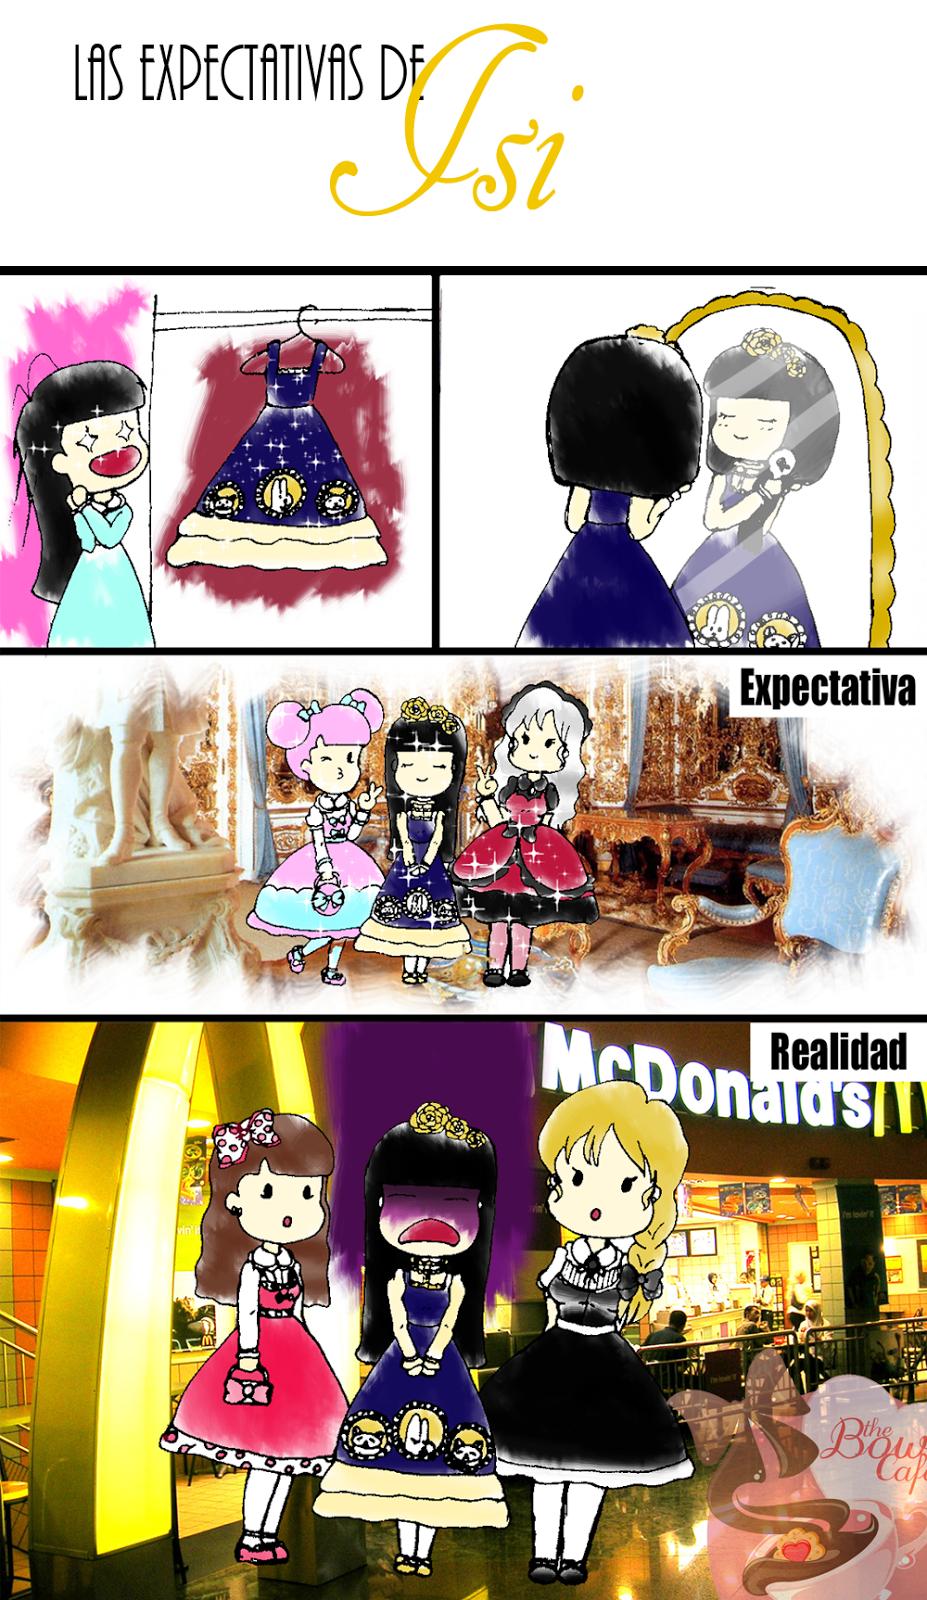 Las expectativas de isi